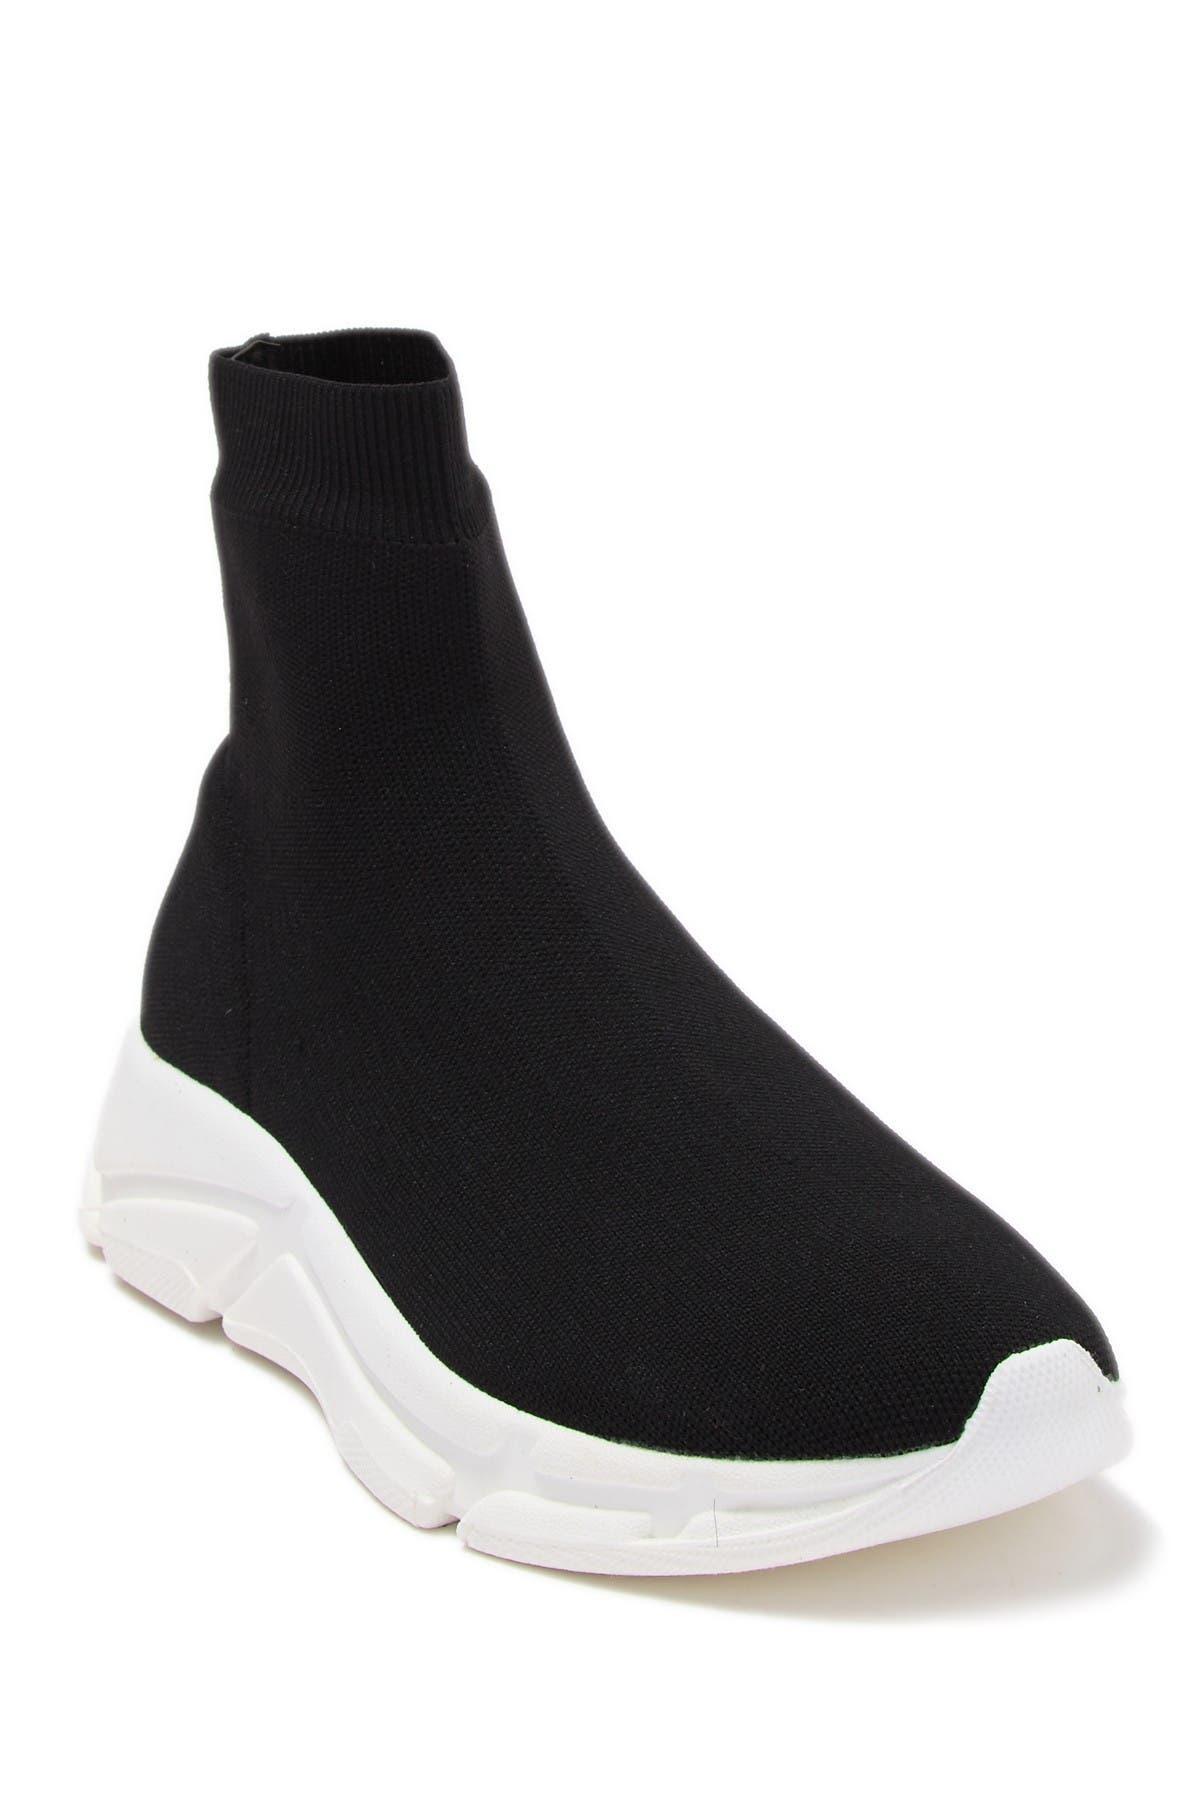 Steve Madden   Bitten Sock Sneaker